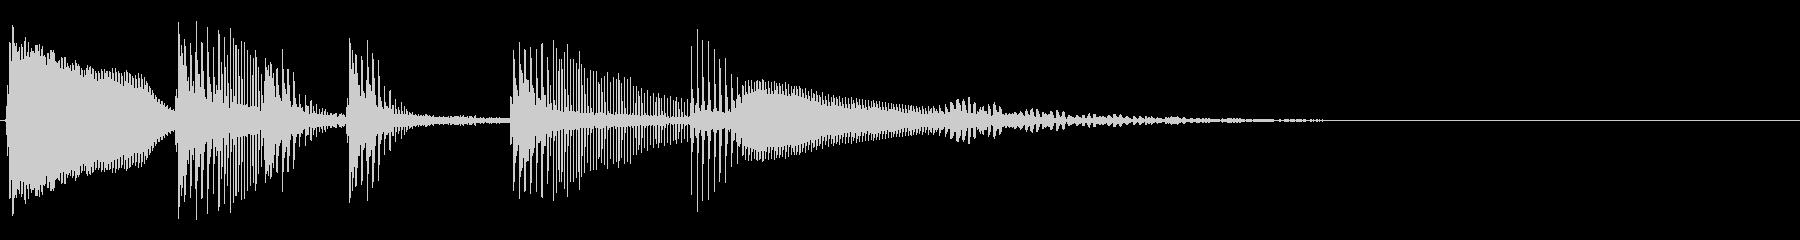 アニメ系失敗効果音5の未再生の波形